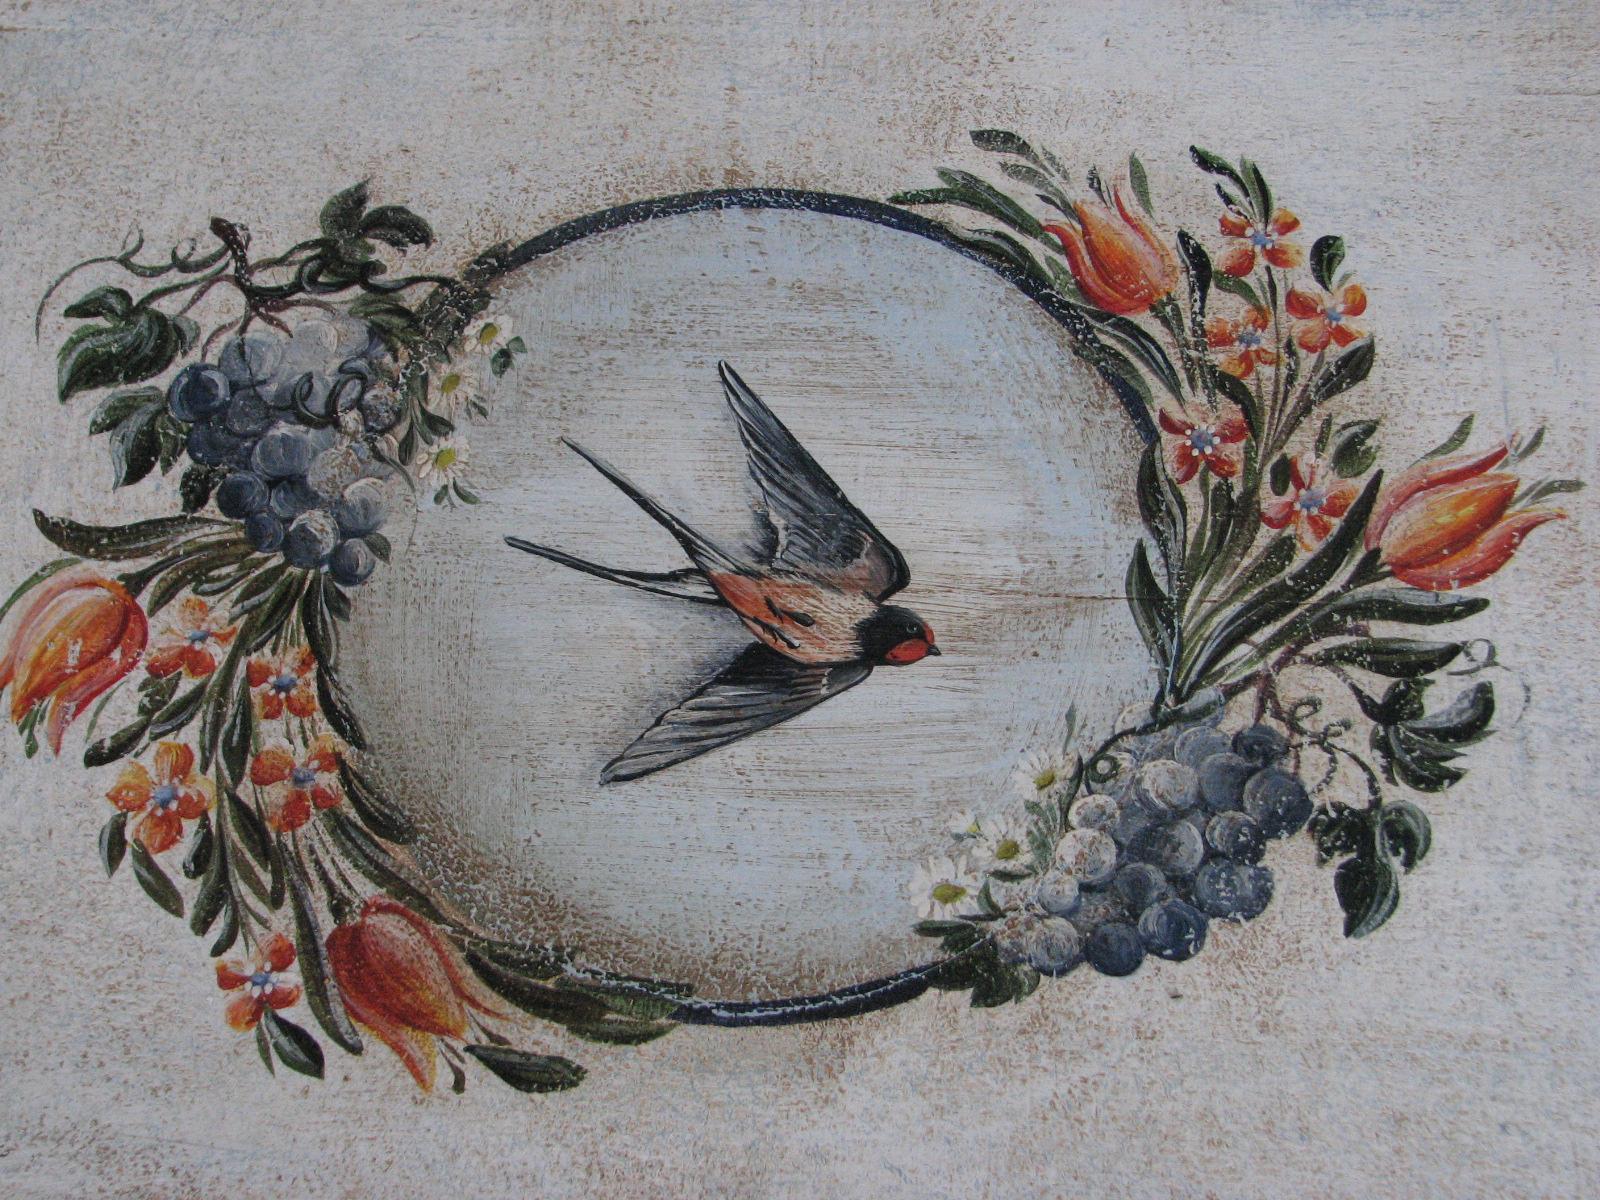 Malovaná selská truhla bílá s motivem léta a úrody 3 detail